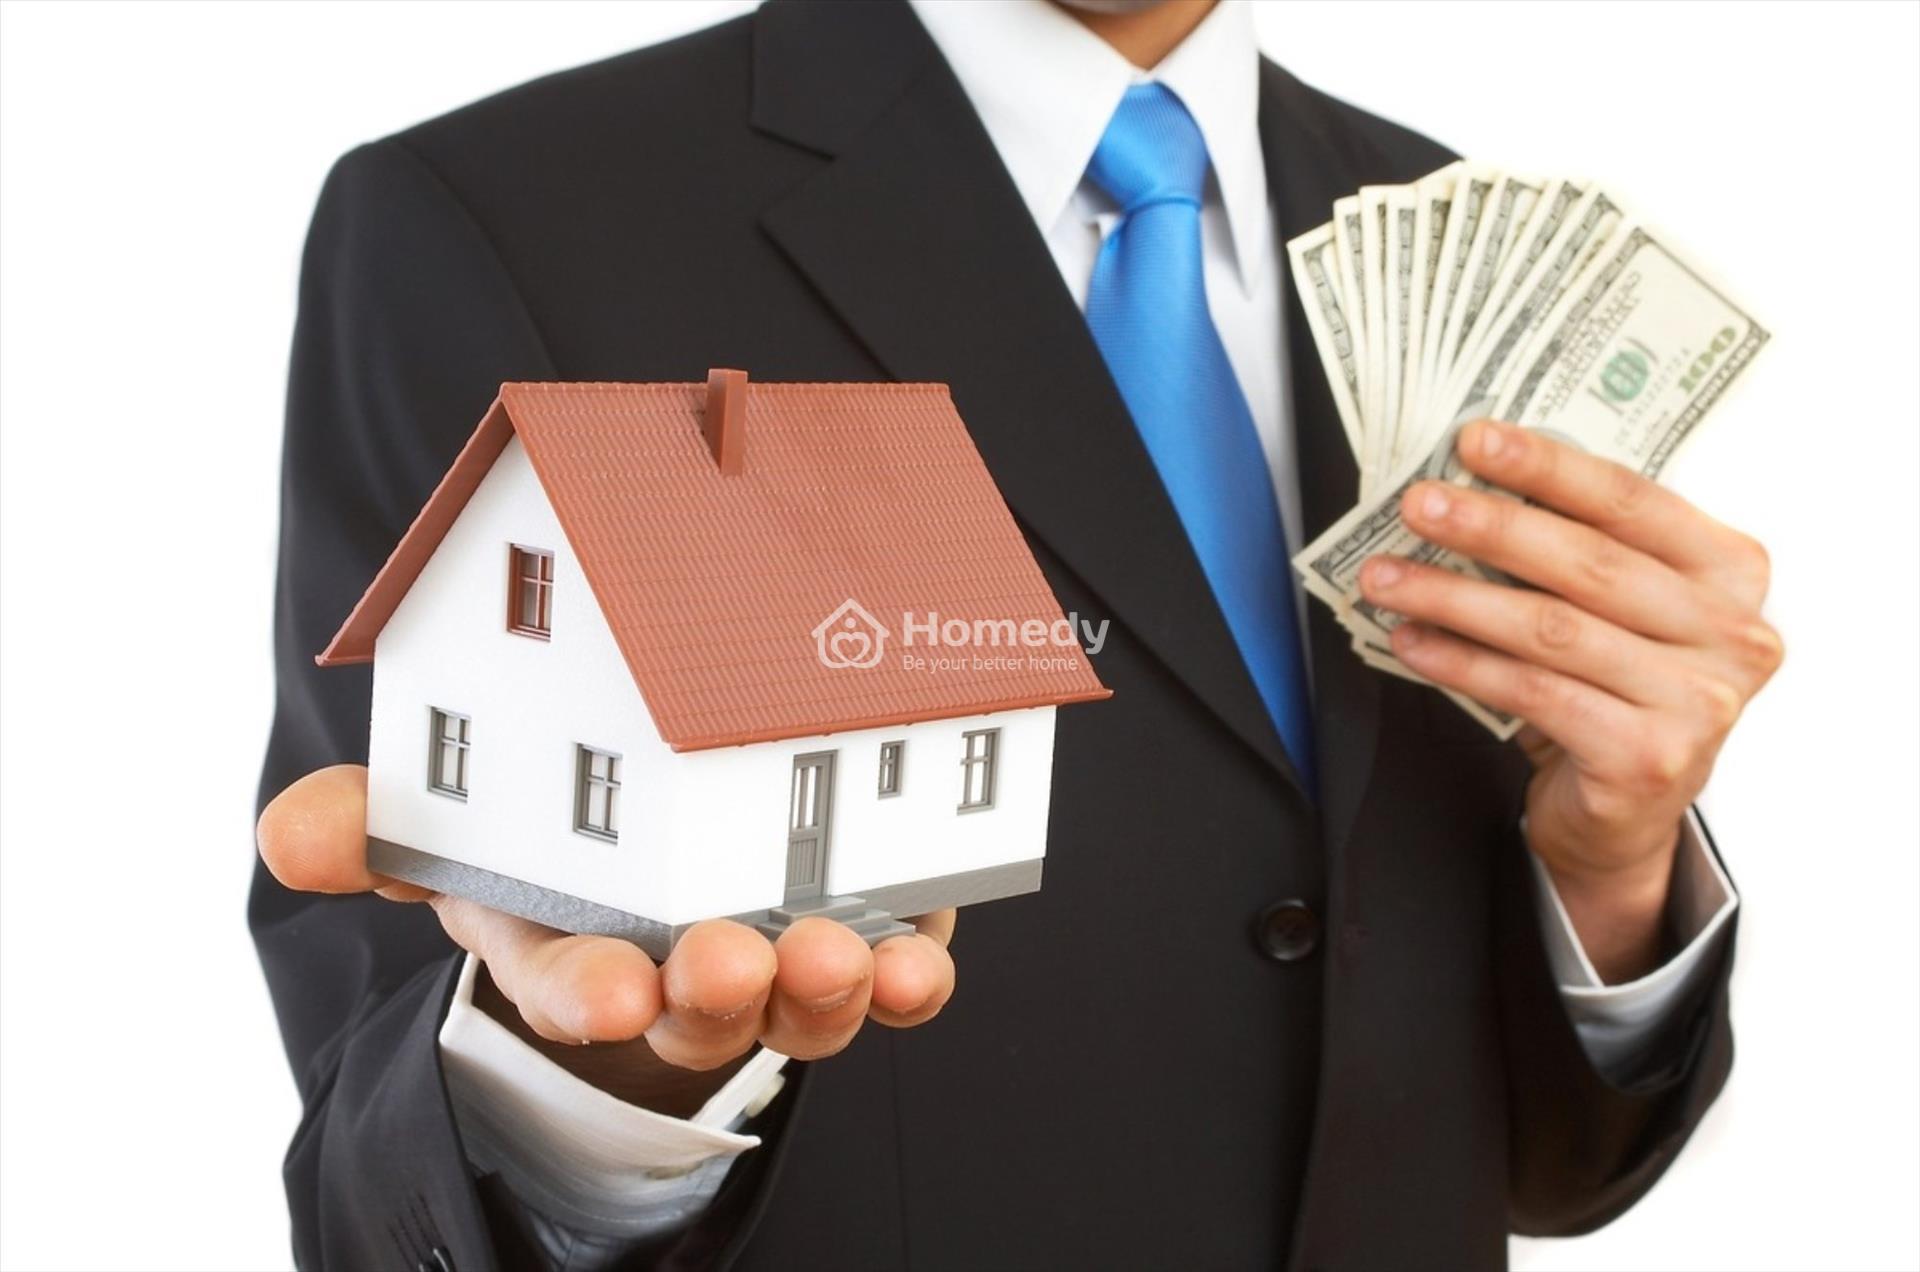 4 bước chuẩn bị giúp bạn mua được nhà ưng hết ý!